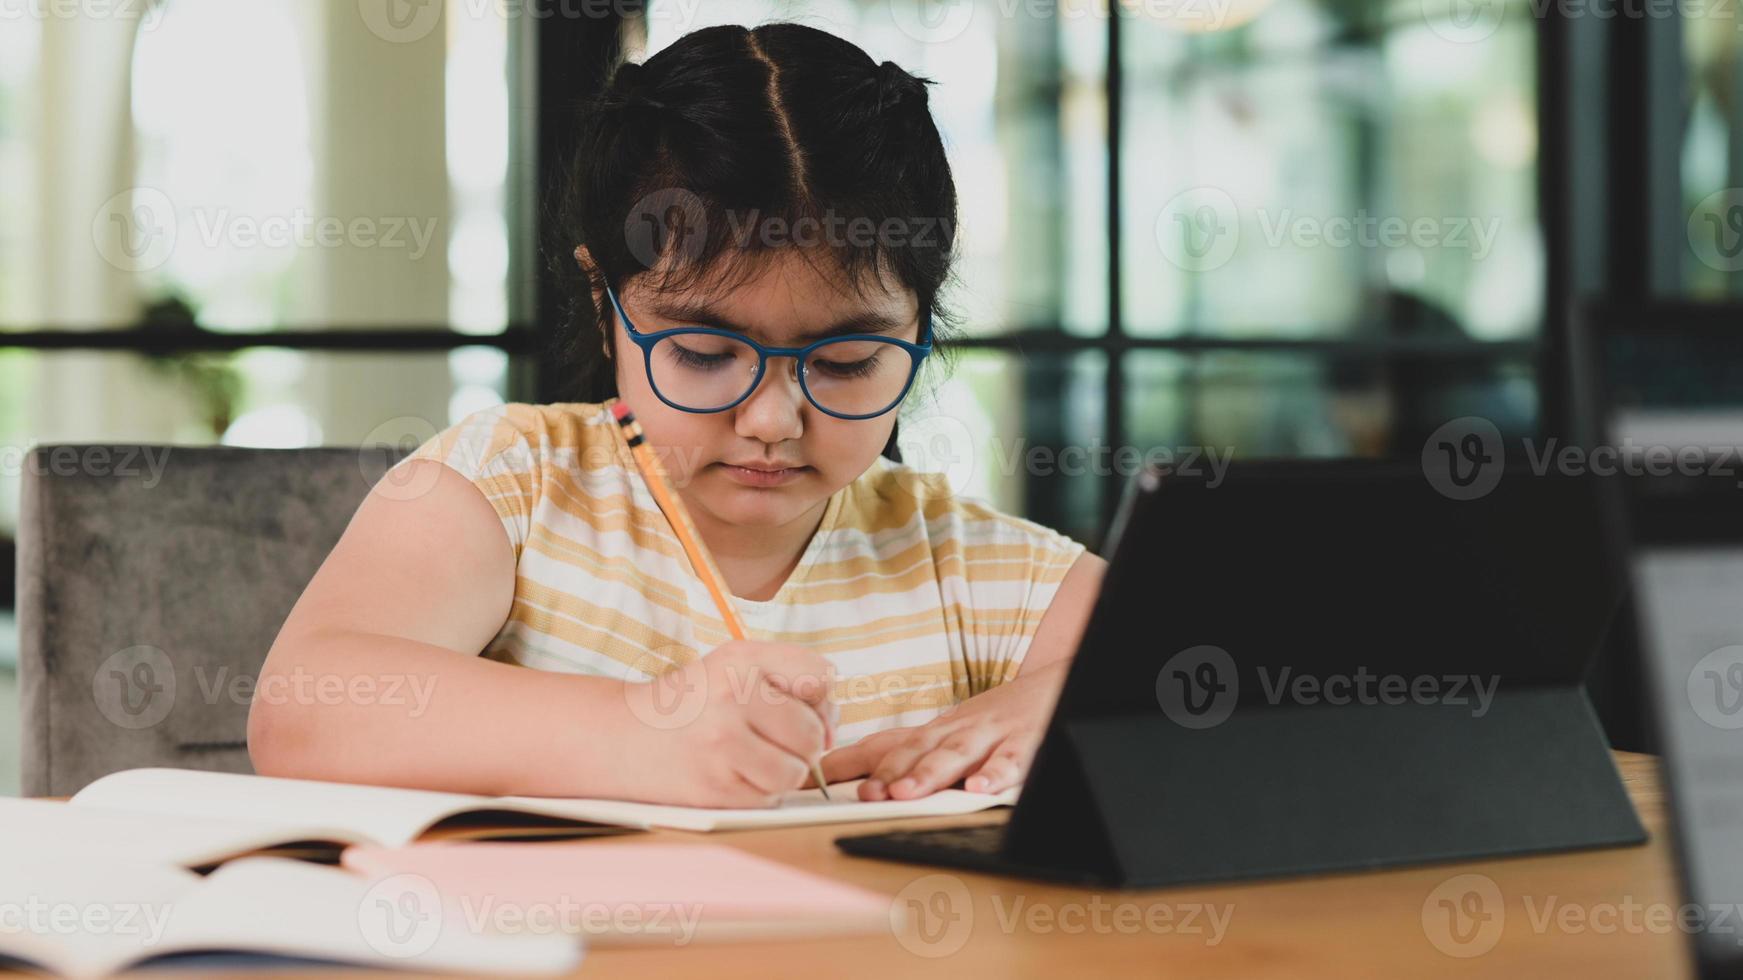 asiatisk flicka med glasögon gör sina läxor i en anteckningsbok. foto